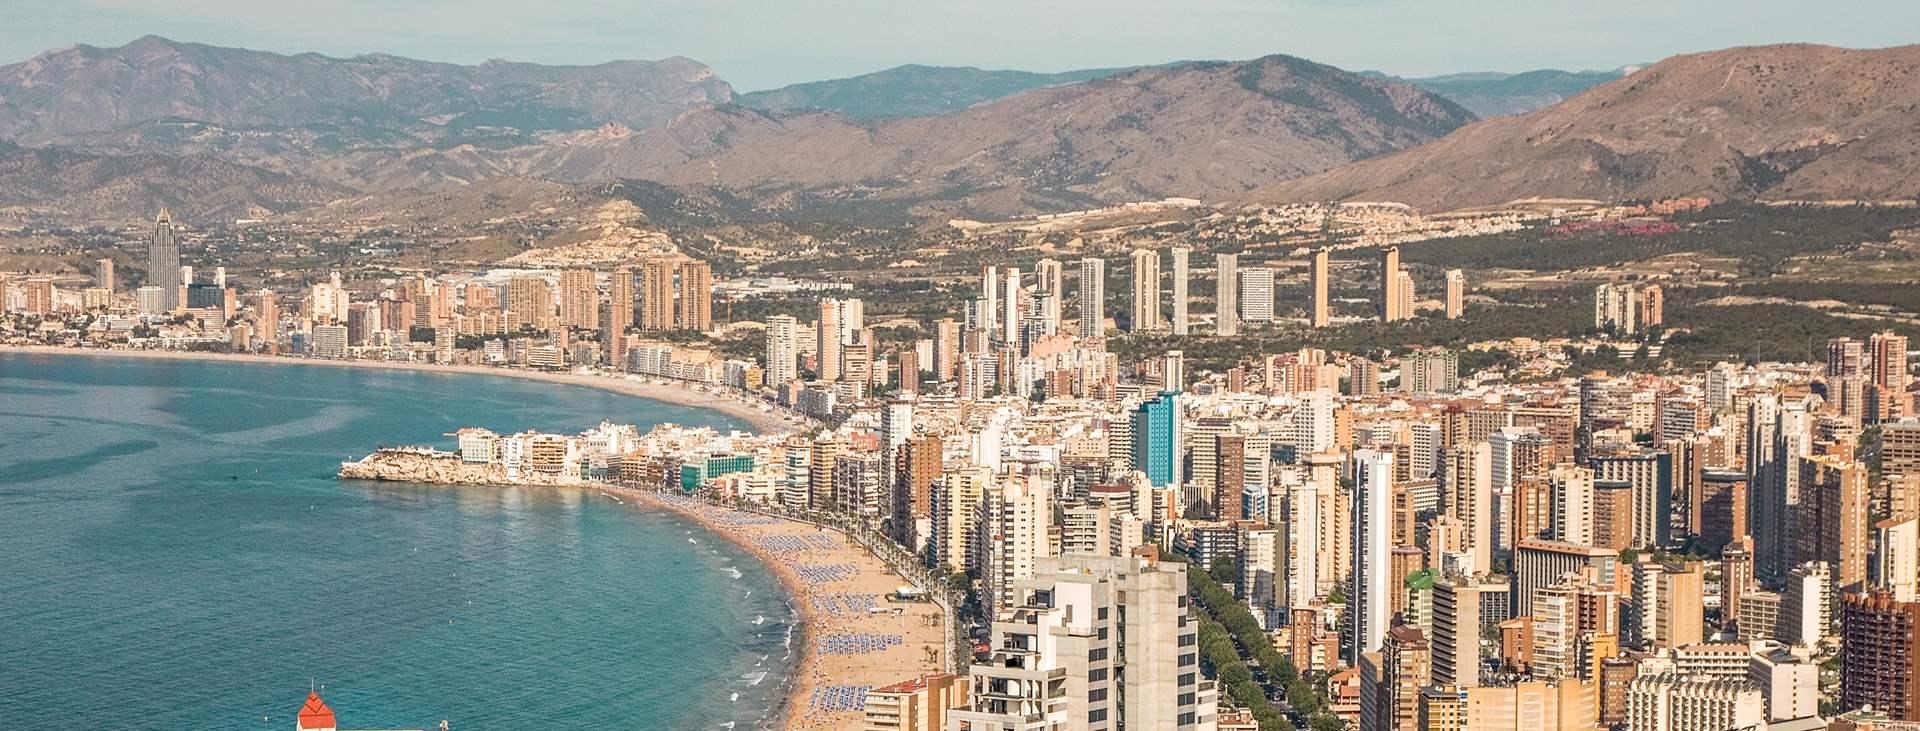 Reiser til Costa Blanca i Spania